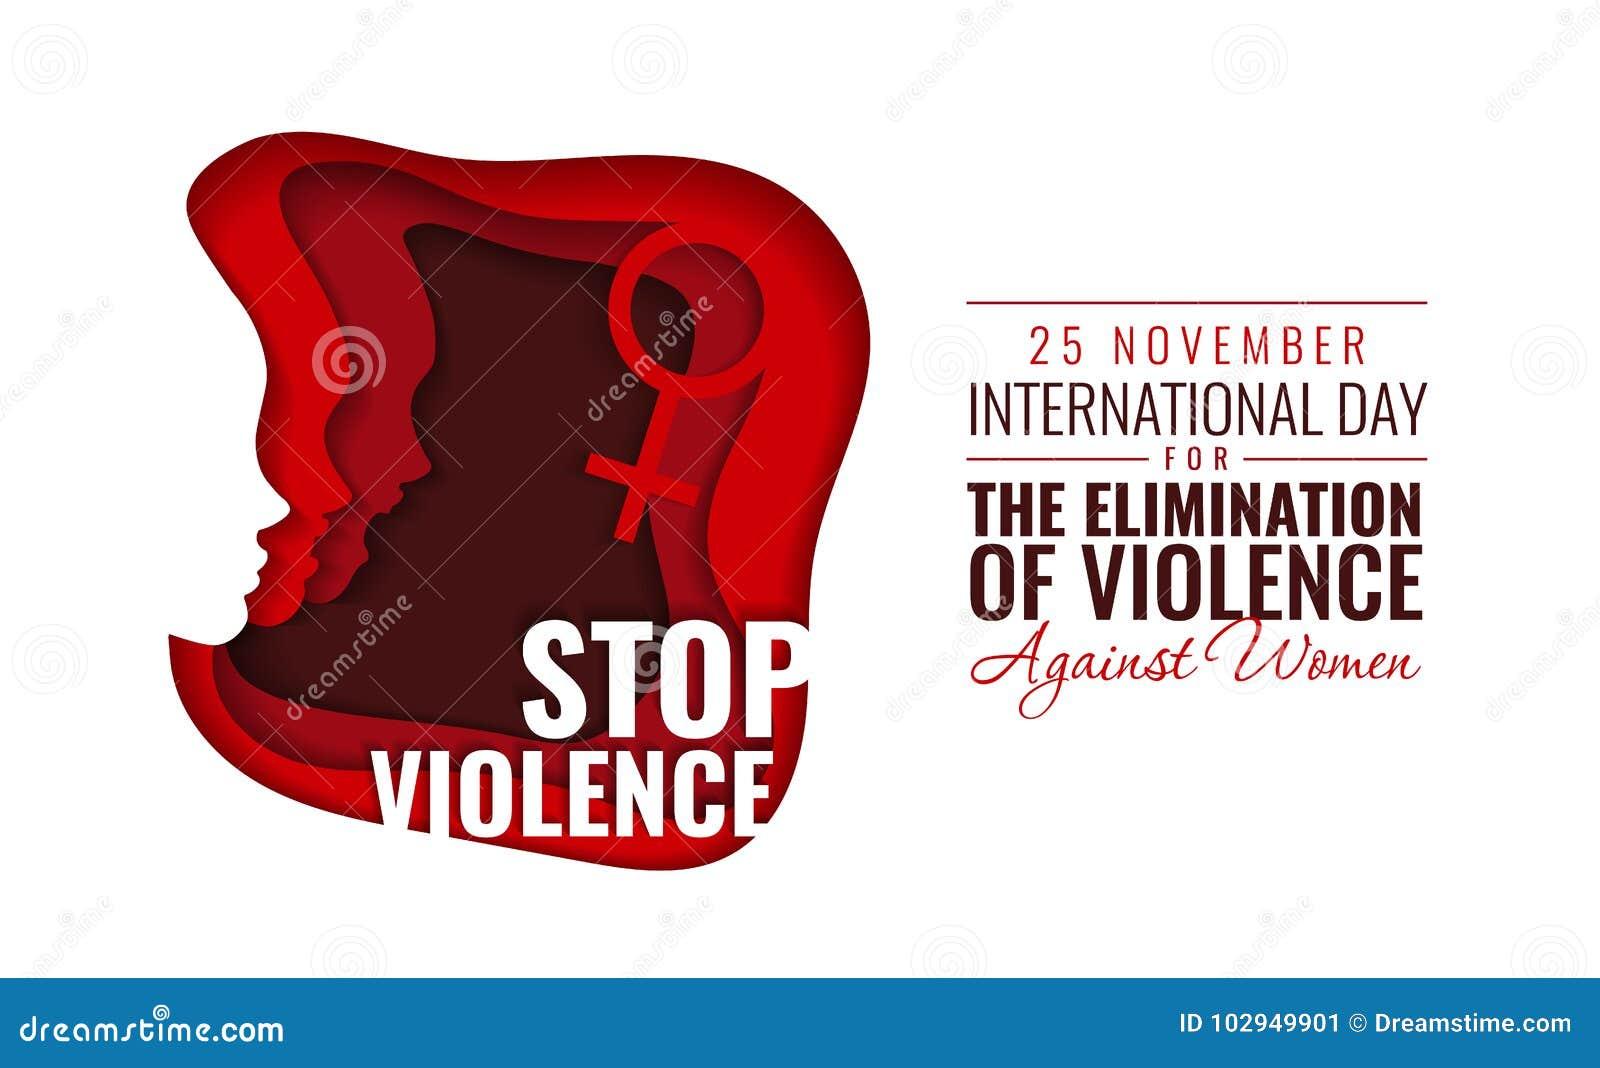 Διανυσματική απεικόνιση εγγράφου για τη διεθνή ημέρα για την αποβολή της βίας κατά των γυναικών